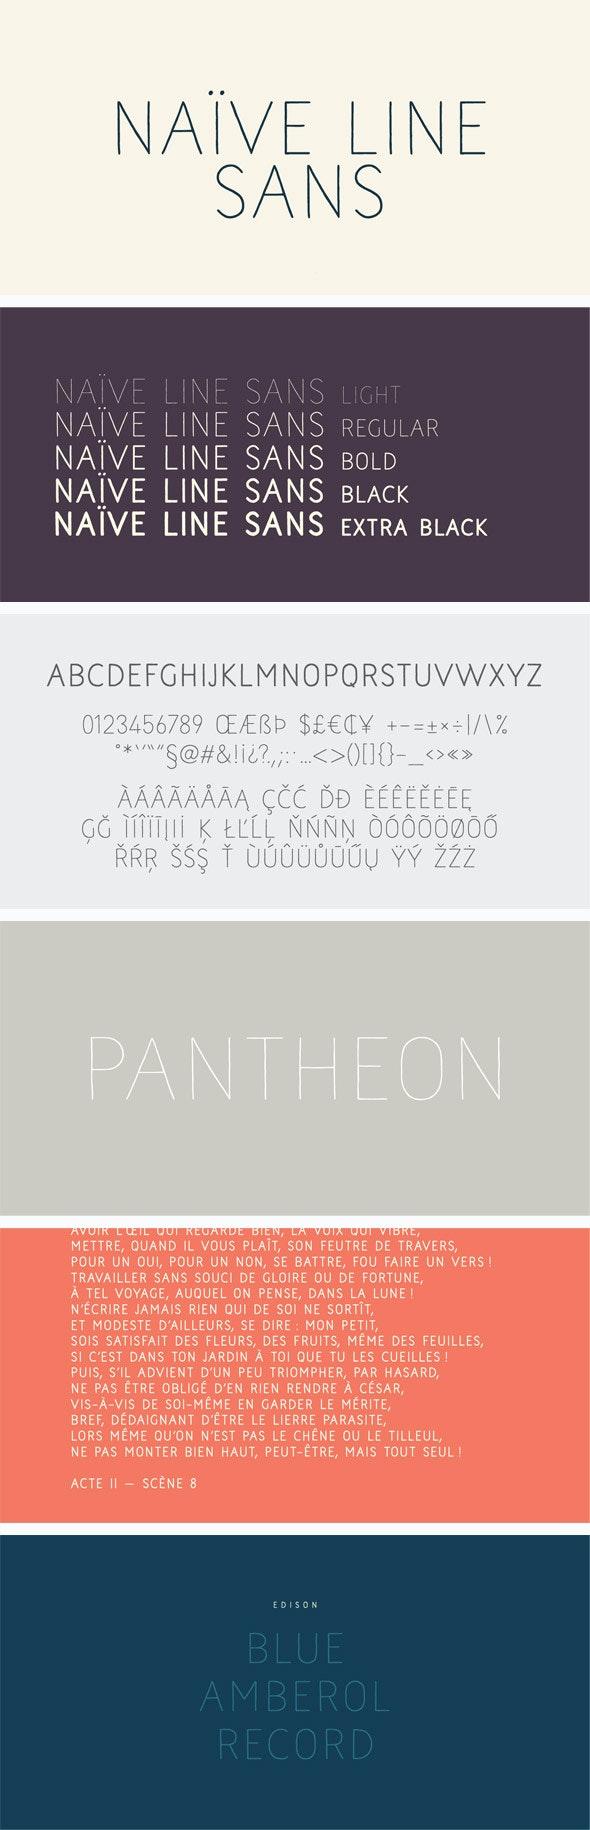 Naive Line Sans Font Pack - Sans-Serif Fonts